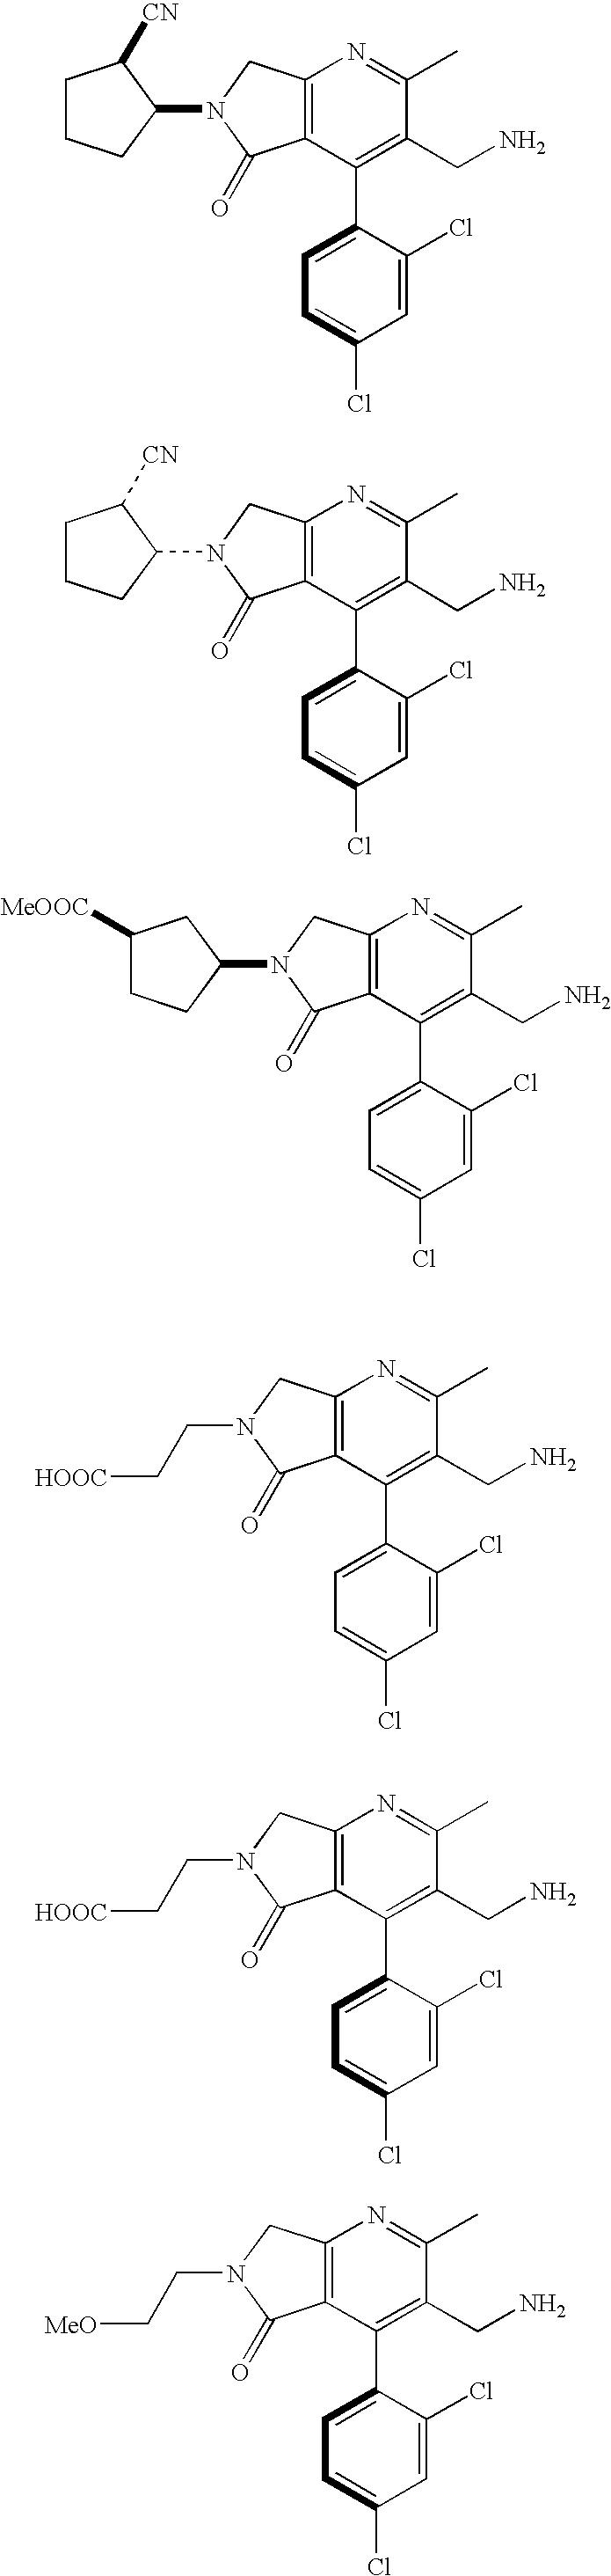 Figure US07521557-20090421-C00309